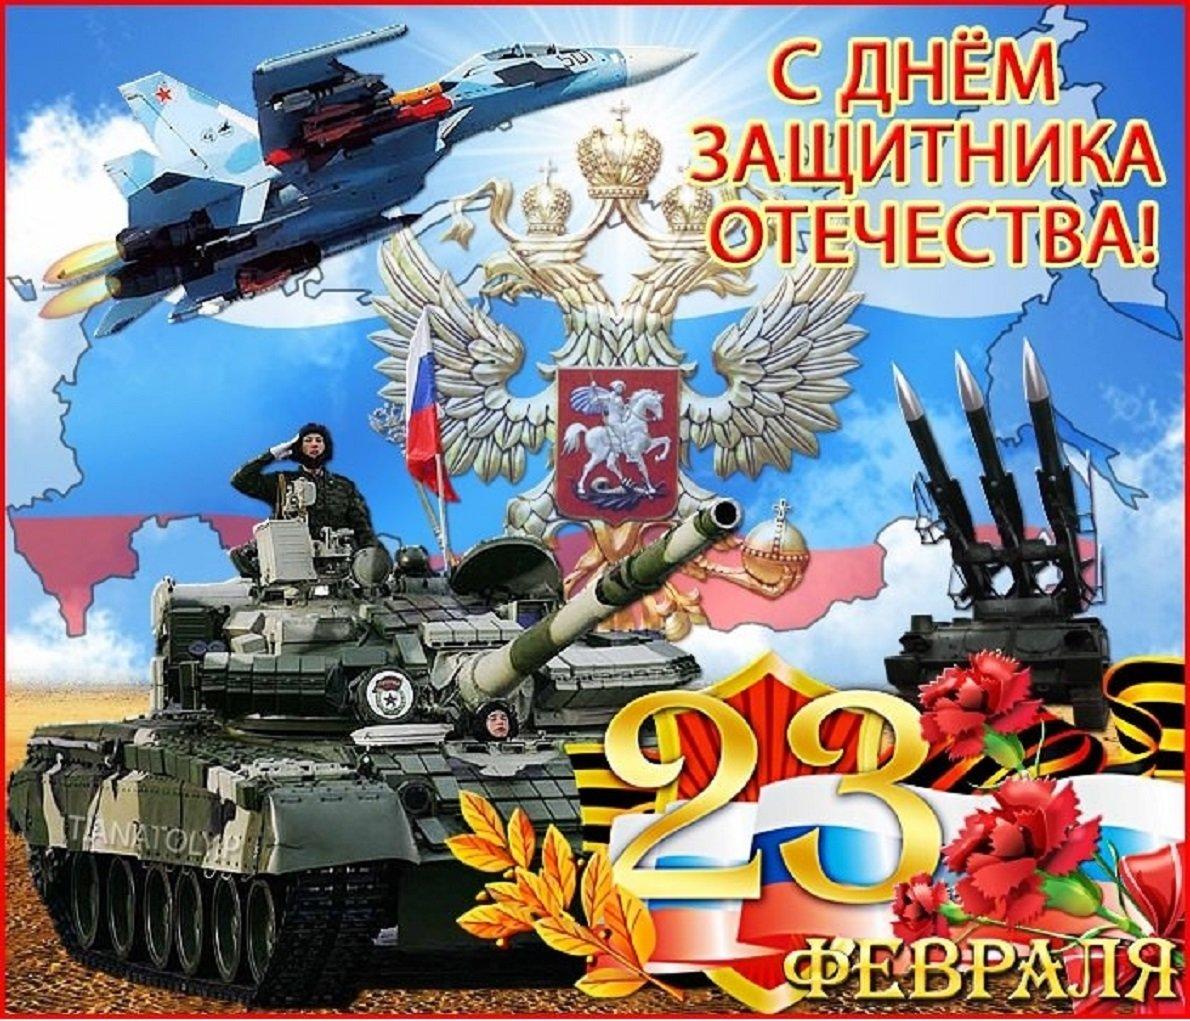 Племяннику, поздравление с днем защитника отечества в открытках